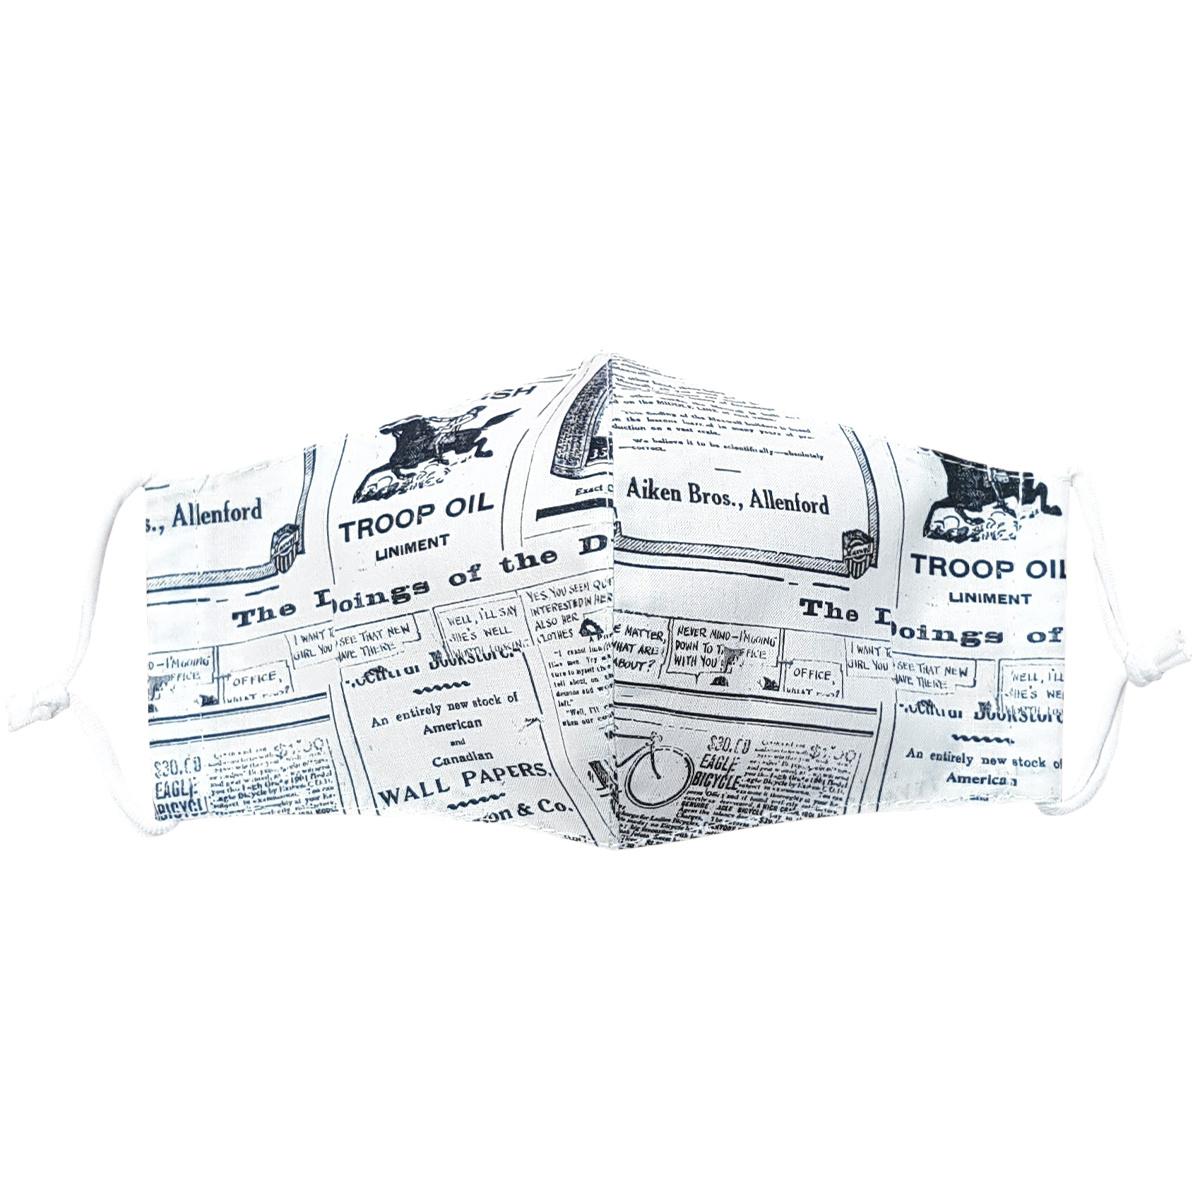 Mască facială din bumbac Ziarul mini copii 7 - 14 ani imagine 2021 e4home.ro